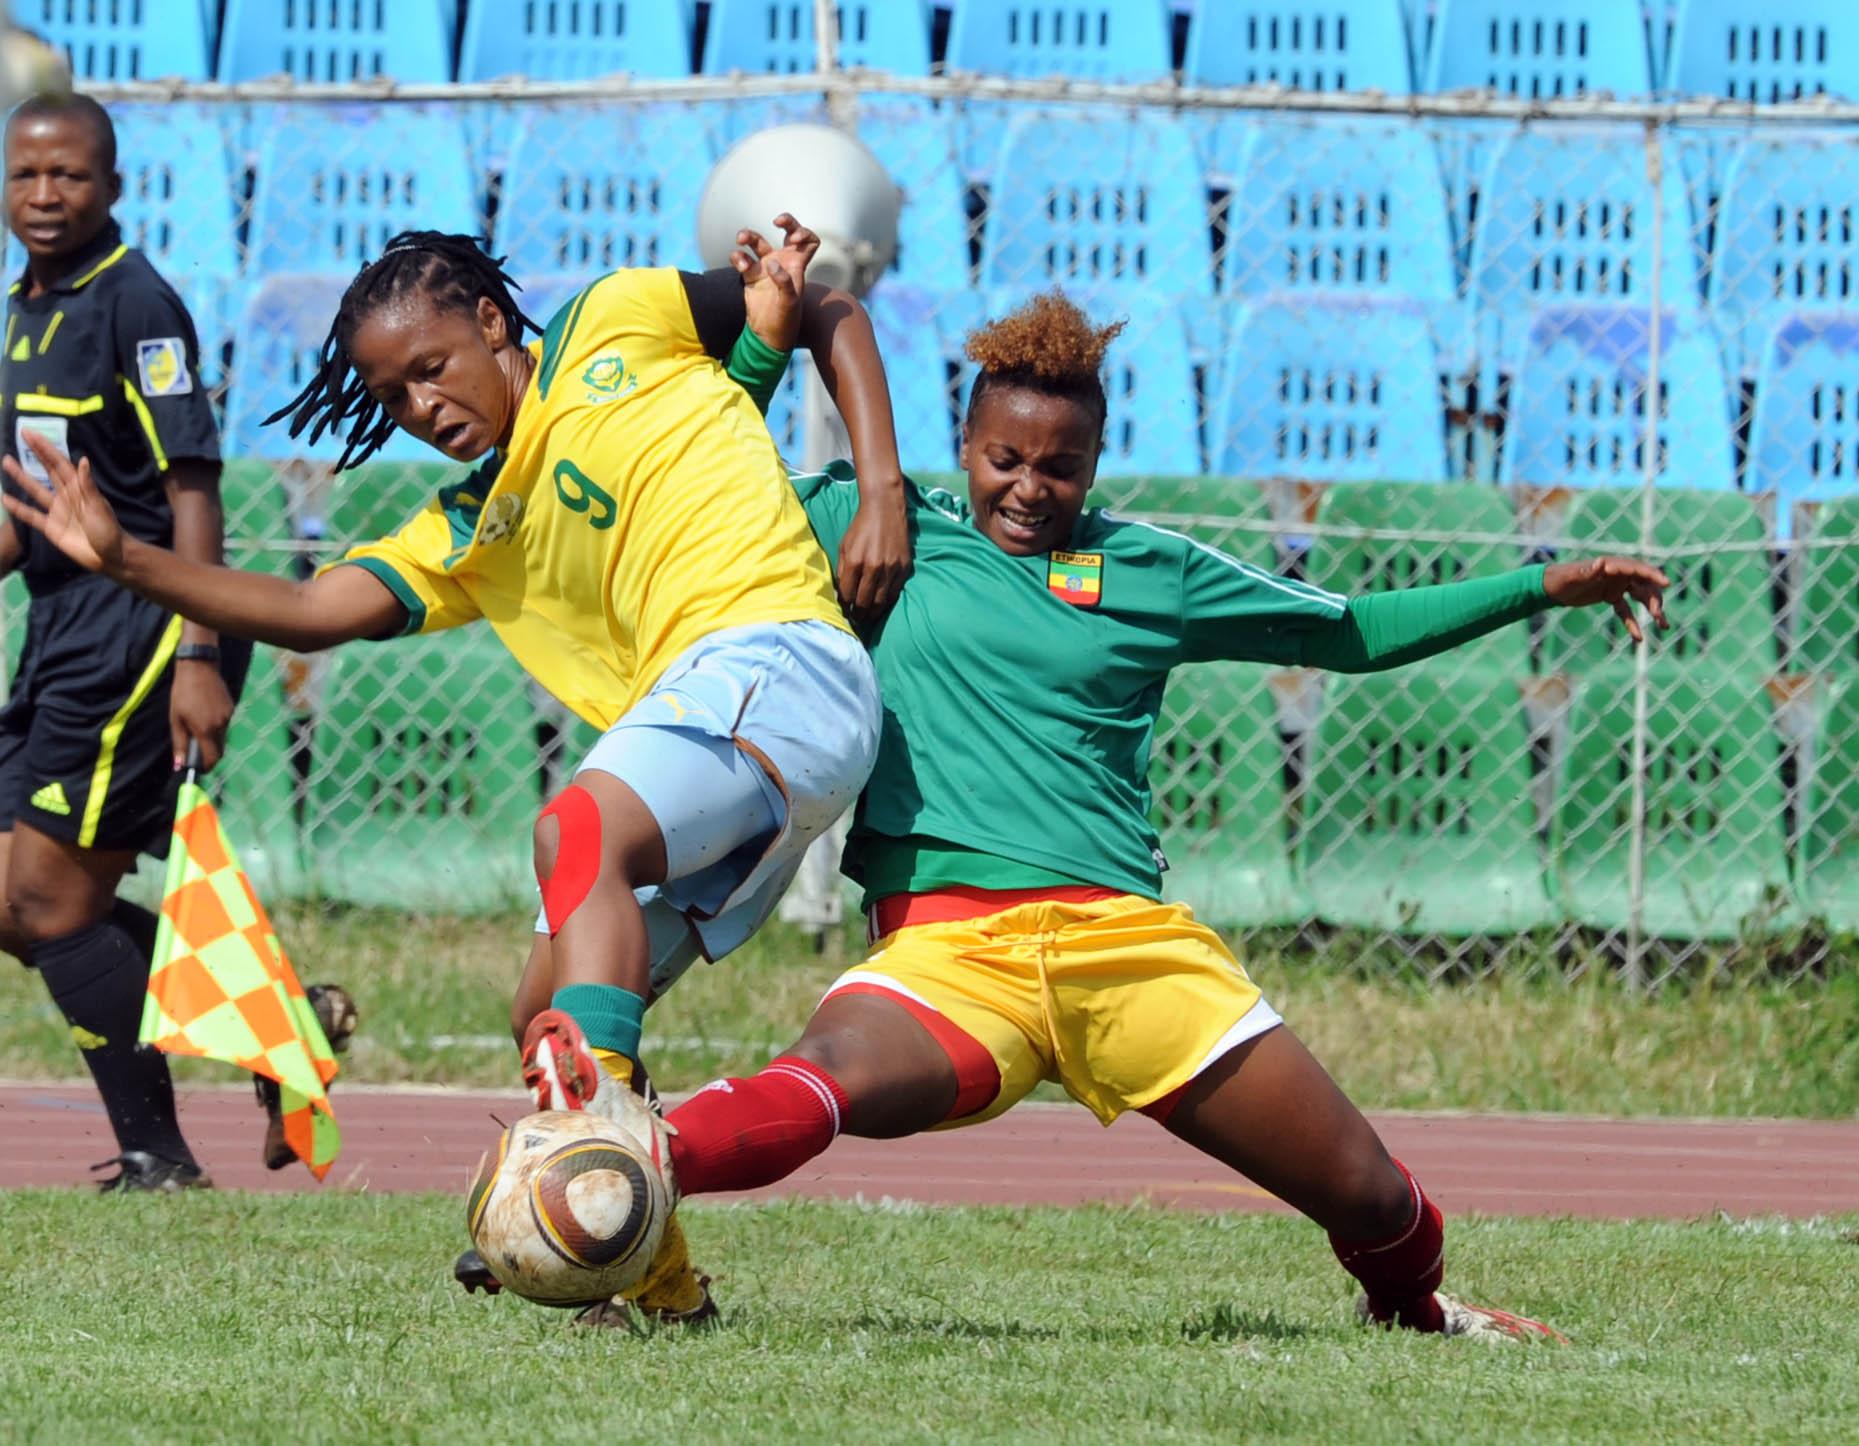 Le football féminin amorce un nouveau virage